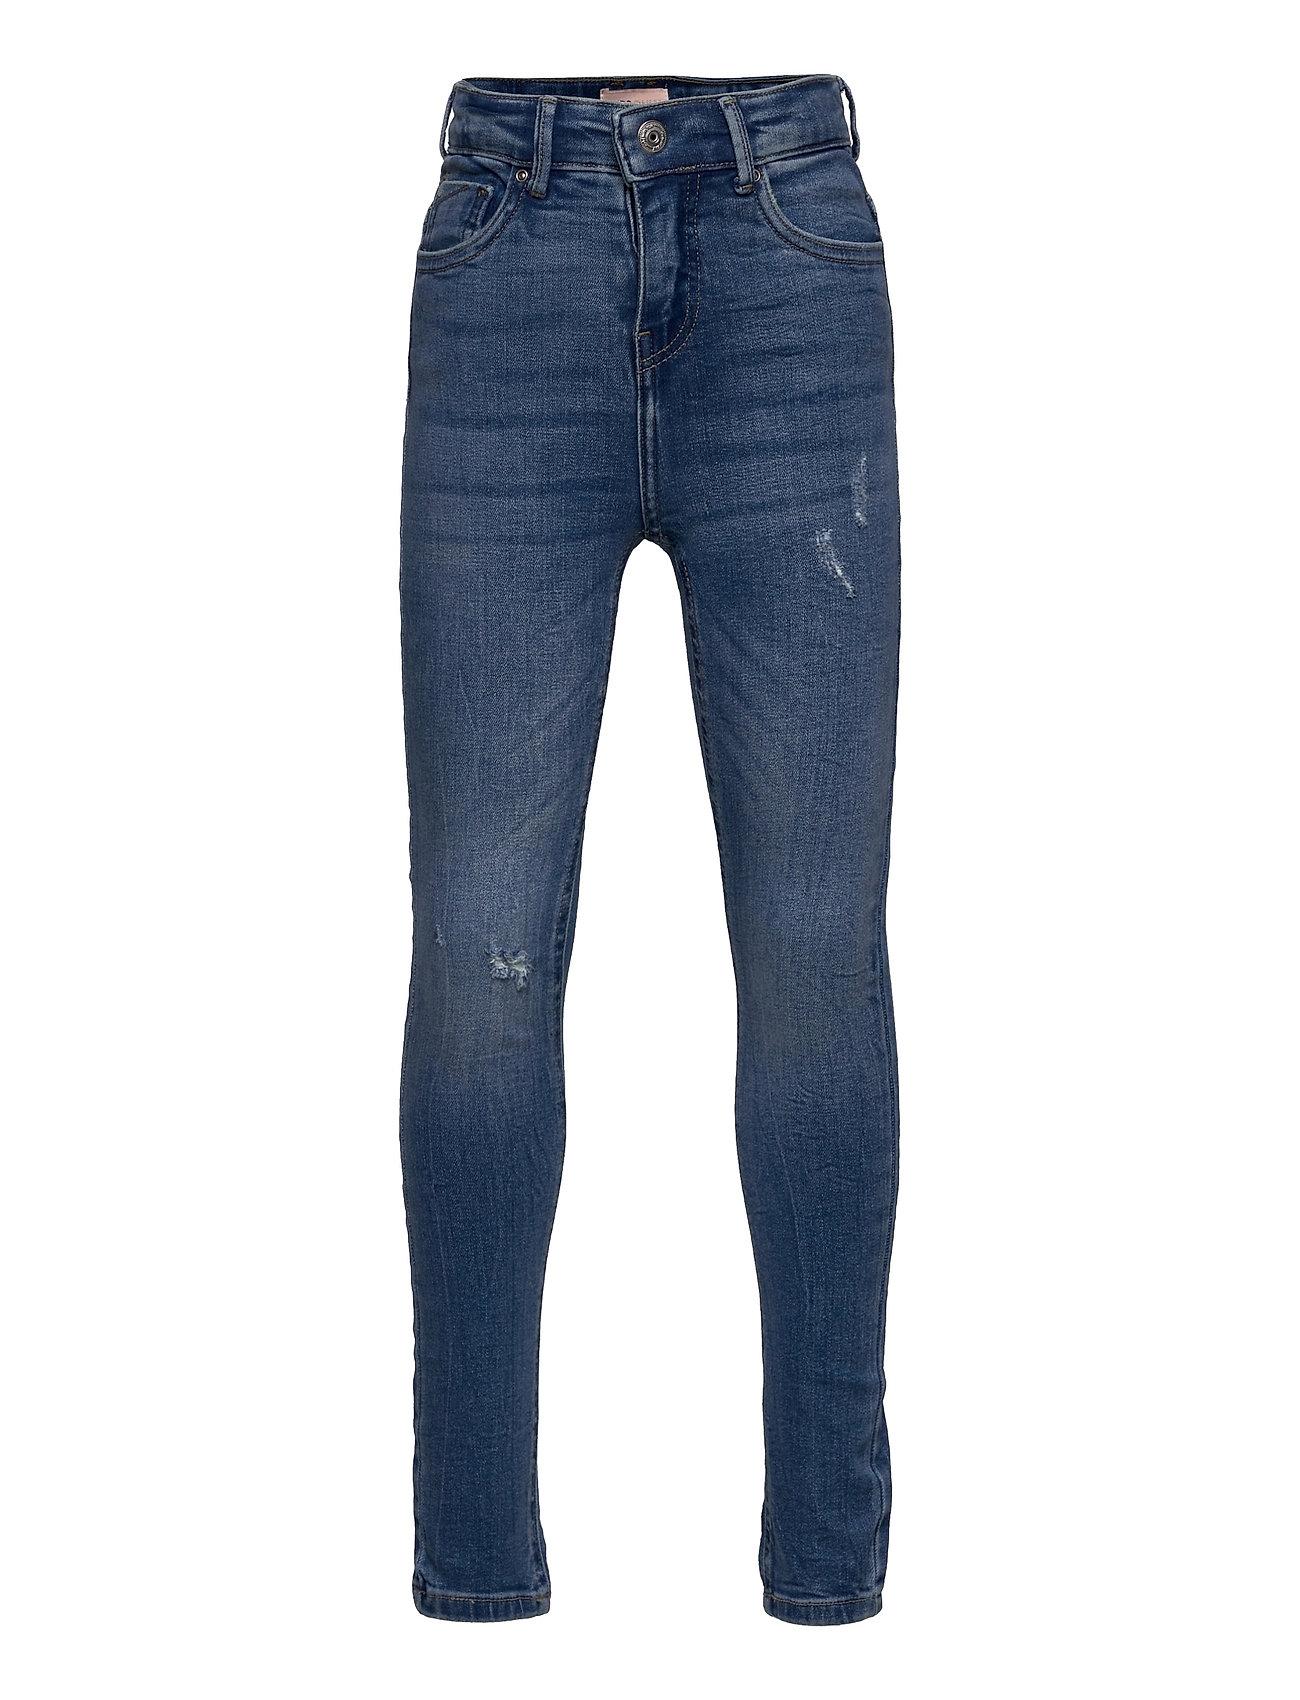 Konpaola Life Hw Sk Azg809 Jeans Blå Kids Only